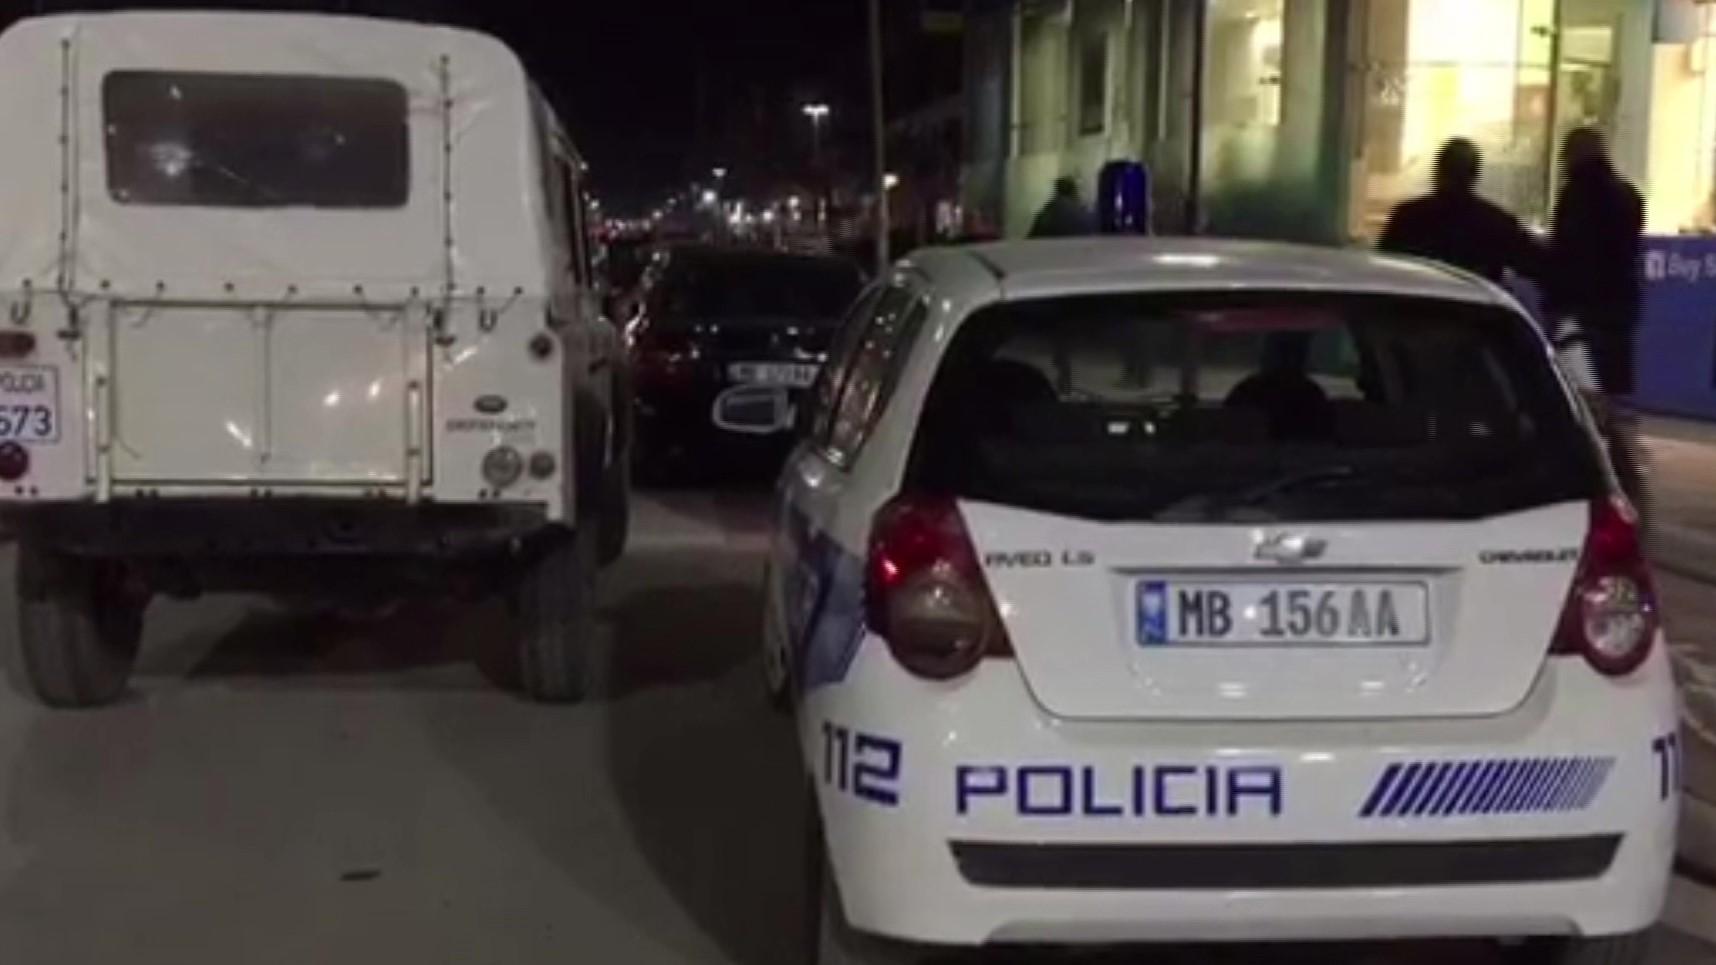 Fier/ Grabiti 4 pika të këmbimit valutor, arrestohet 25-vjeçari